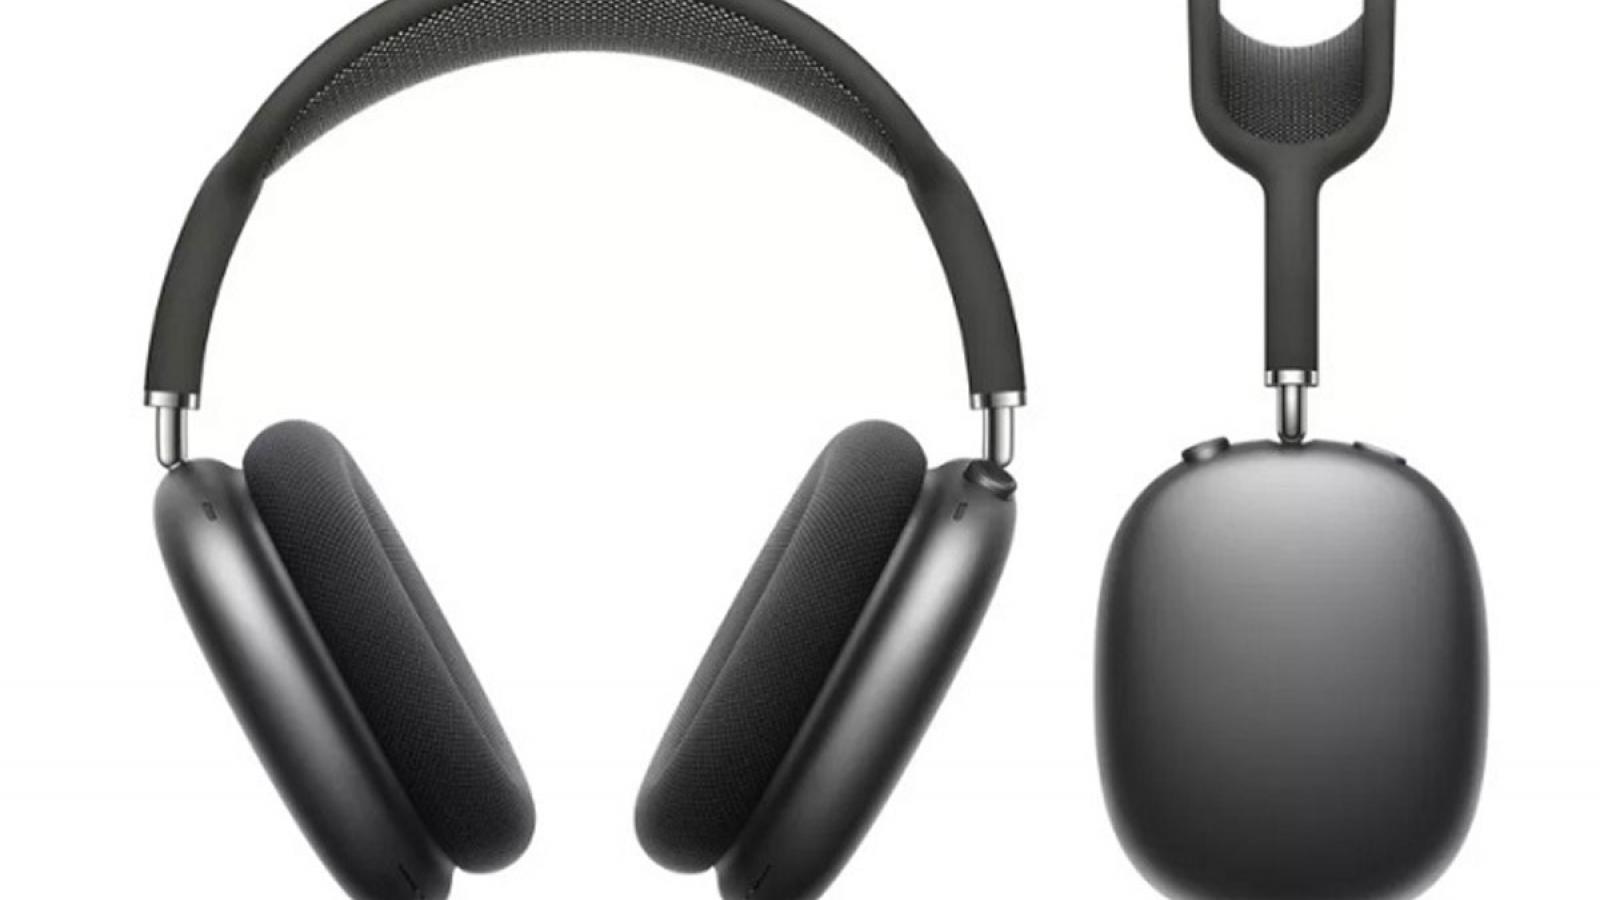 Tai nghe chống ồn AirPods Max của Apple ra mắt hôm nay 15/12